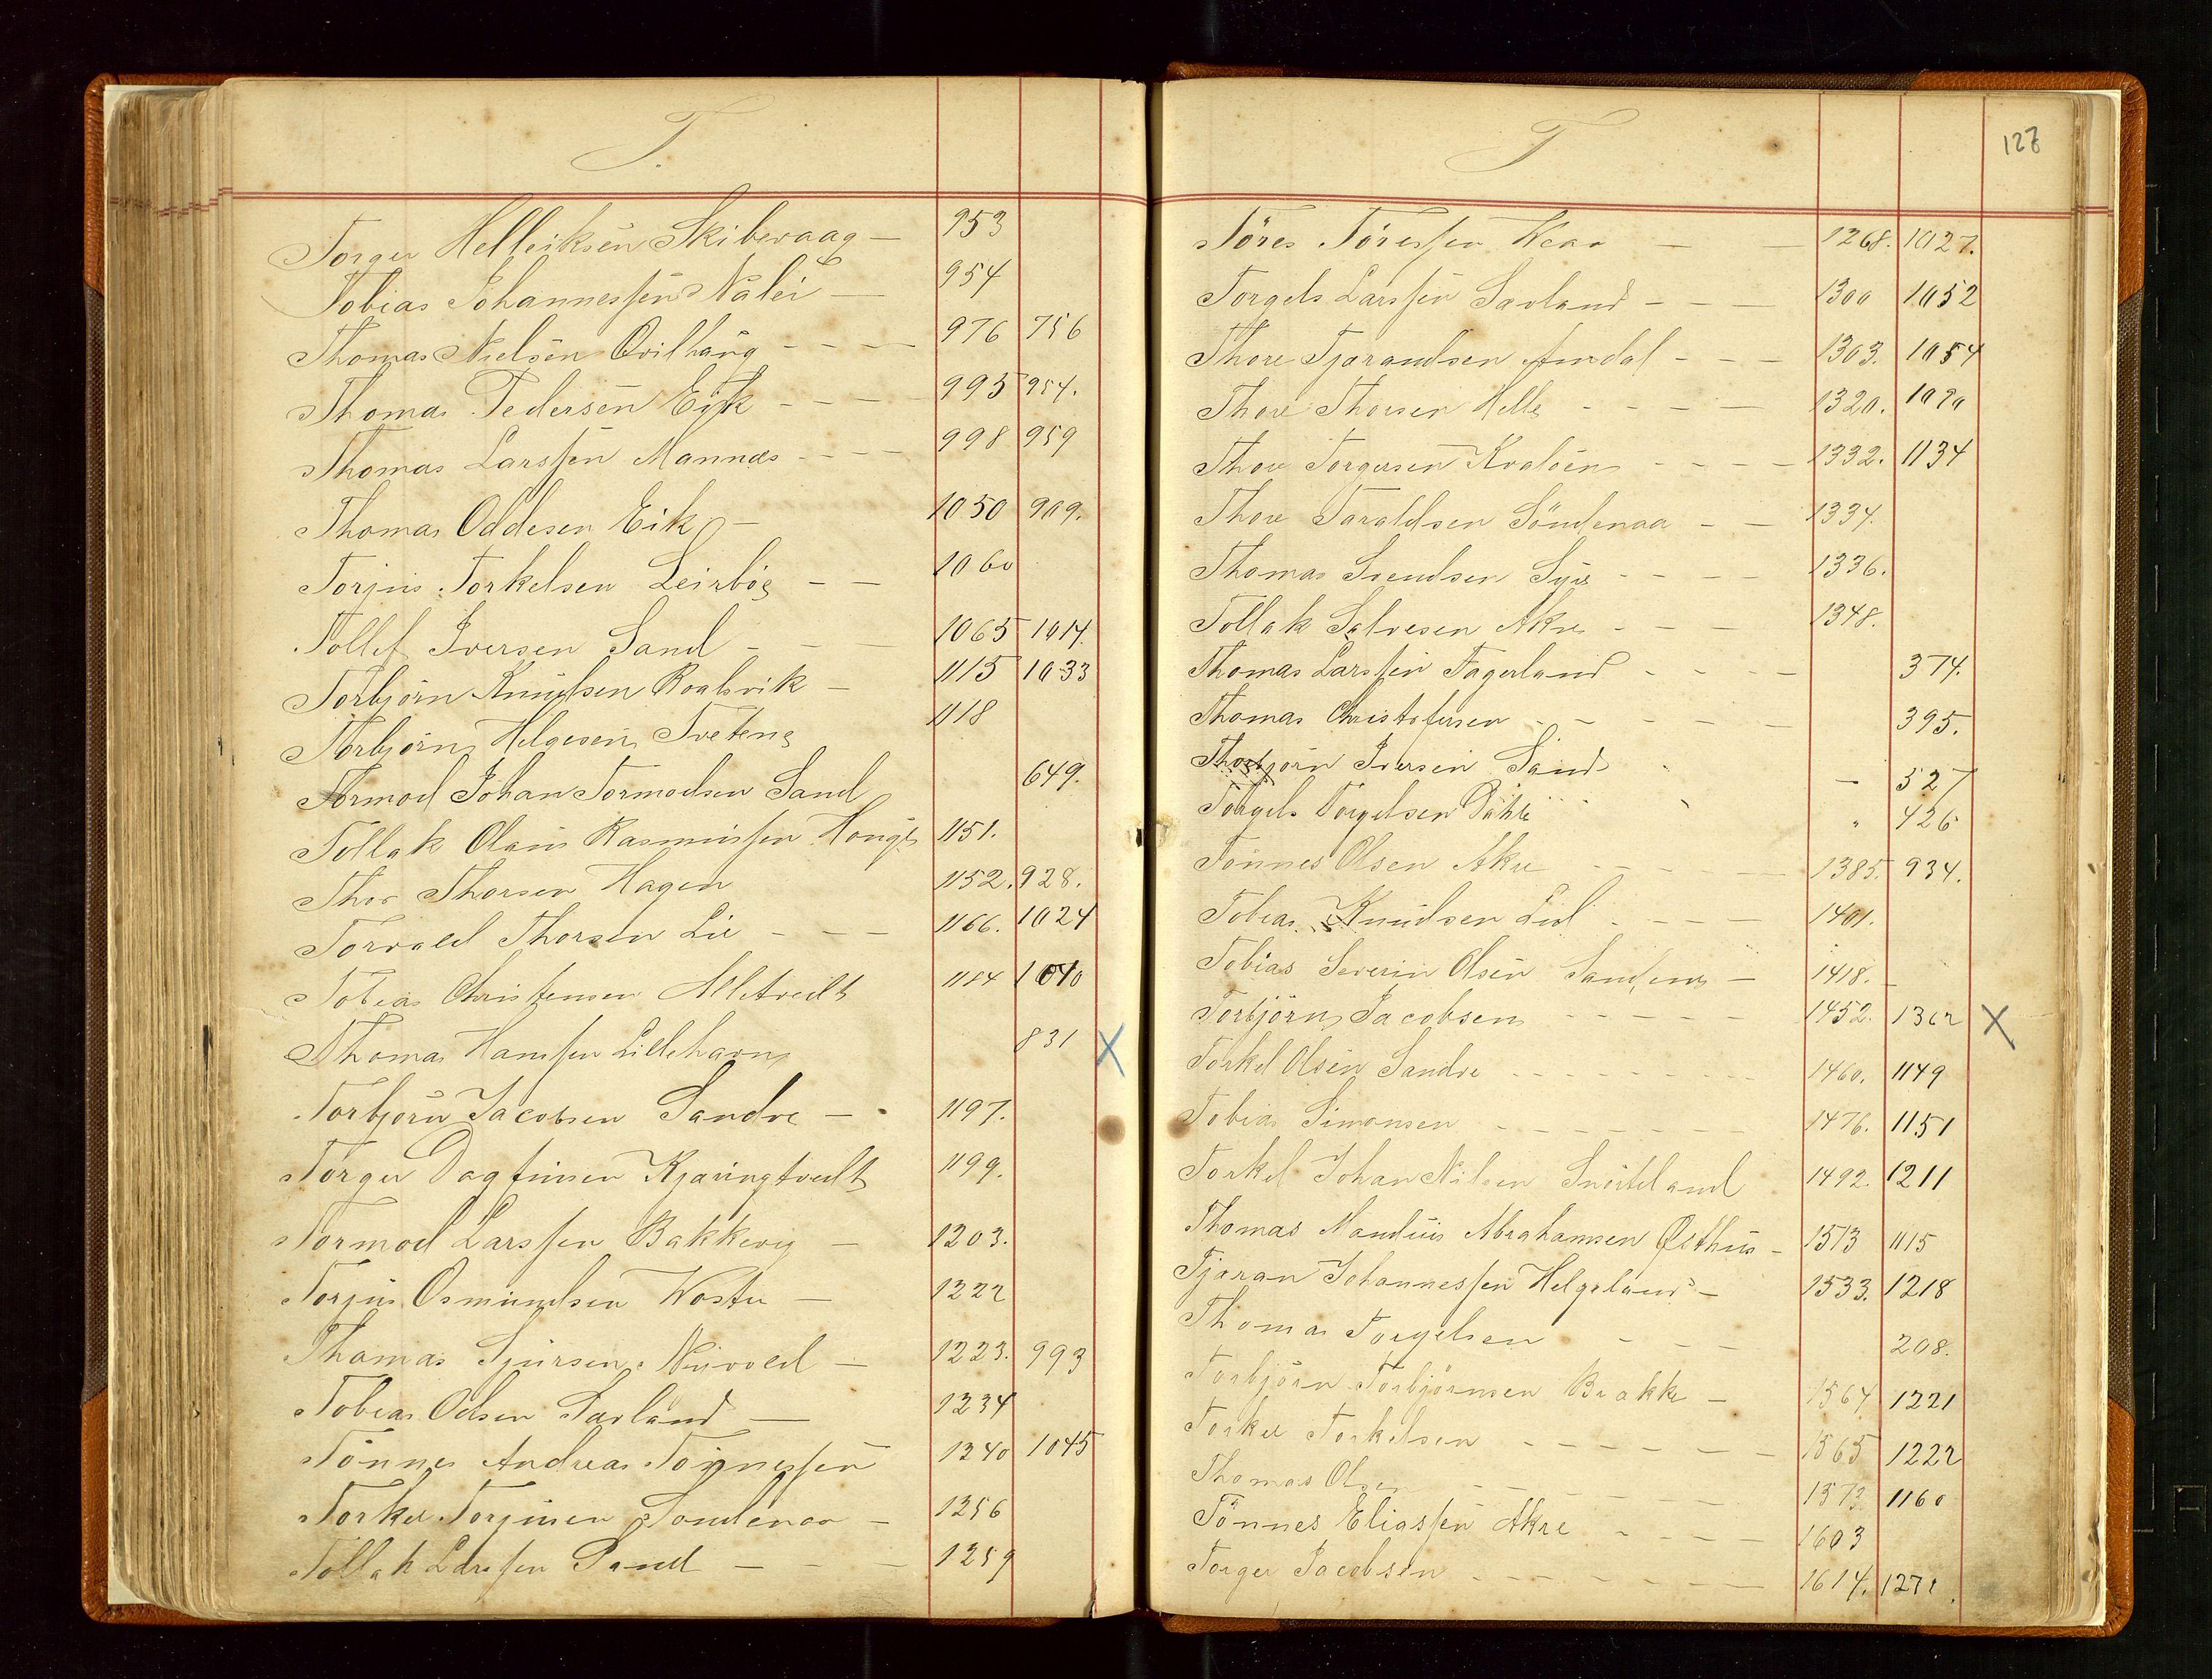 SAST, Haugesund sjømannskontor, F/Fb/Fba/L0003: Navneregister med henvisning til rullenummer (fornavn) Haugesund krets, 1860-1948, s. 127